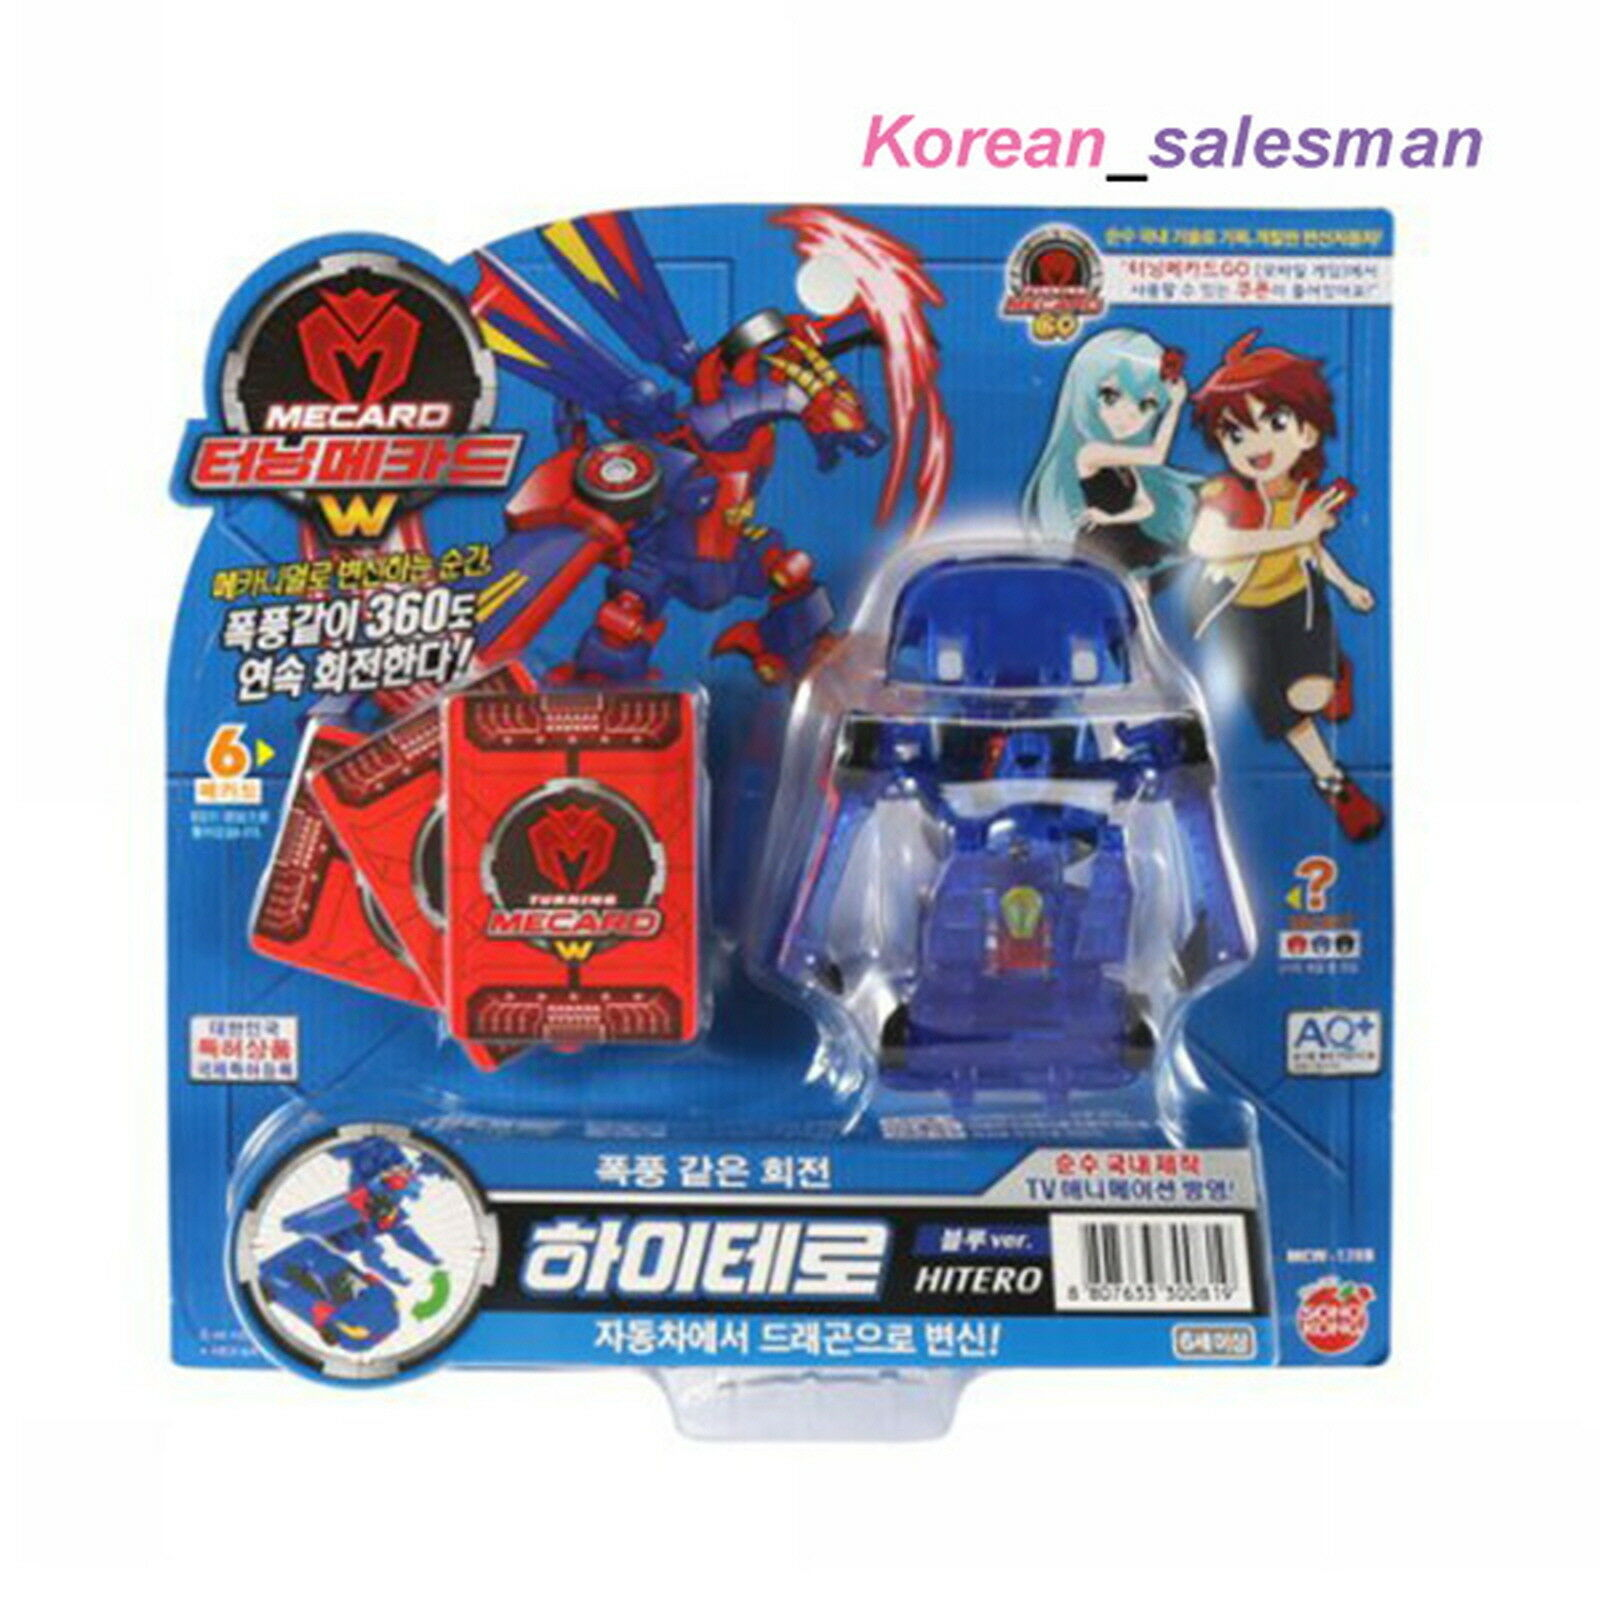 TURNING MECARD W HITERO blueE Transformer Transforming CAR Robot Kids Toy Korean